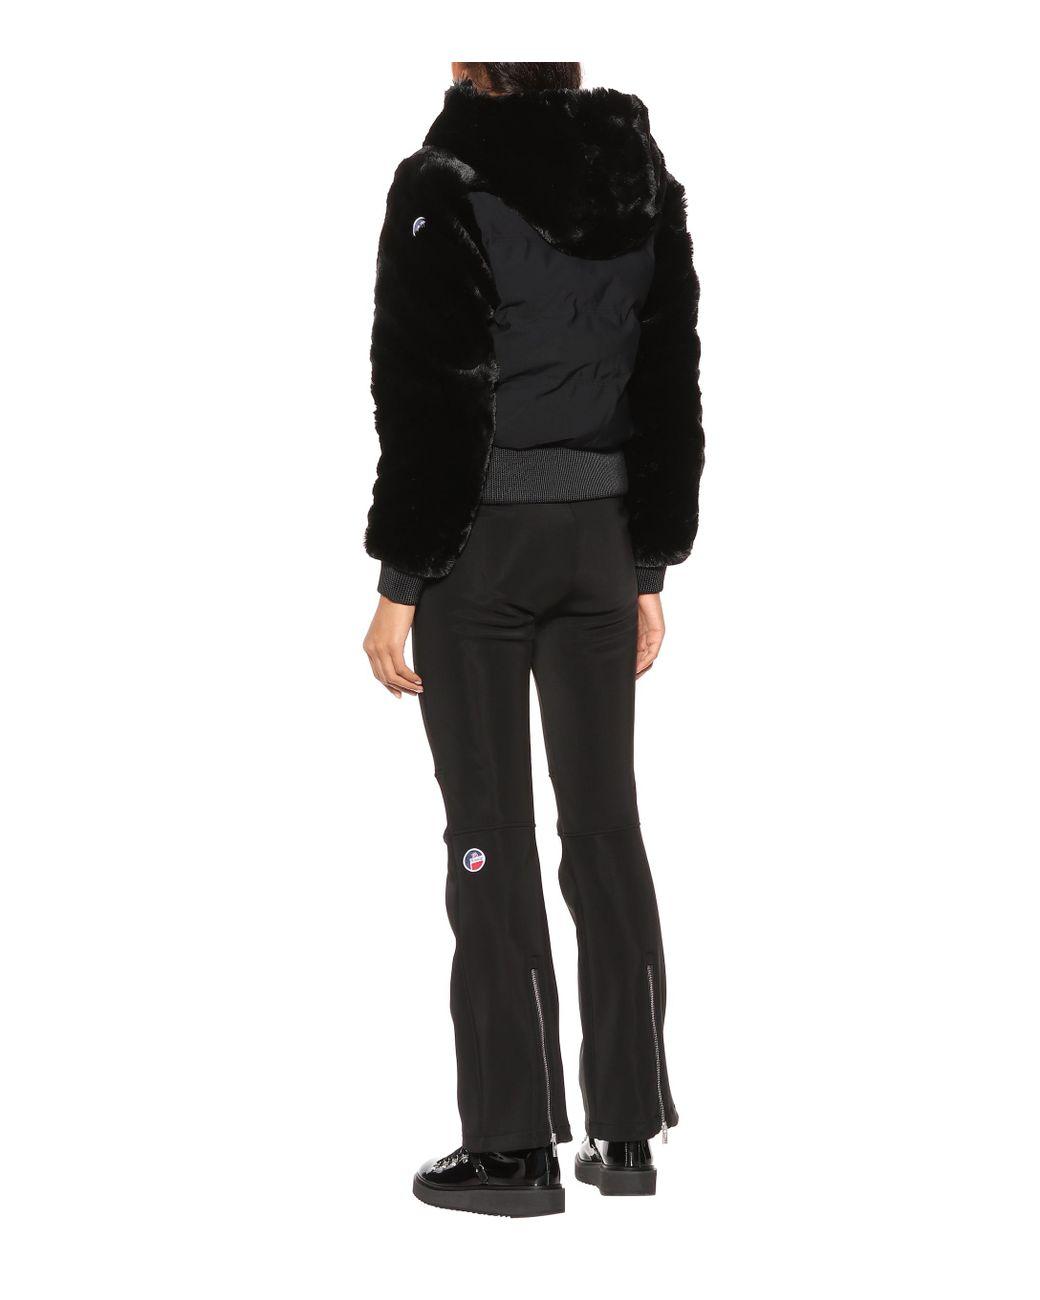 nouveau style ba239 7a01d Veste de ski Chesery à capuche à fourrure femme de coloris noir